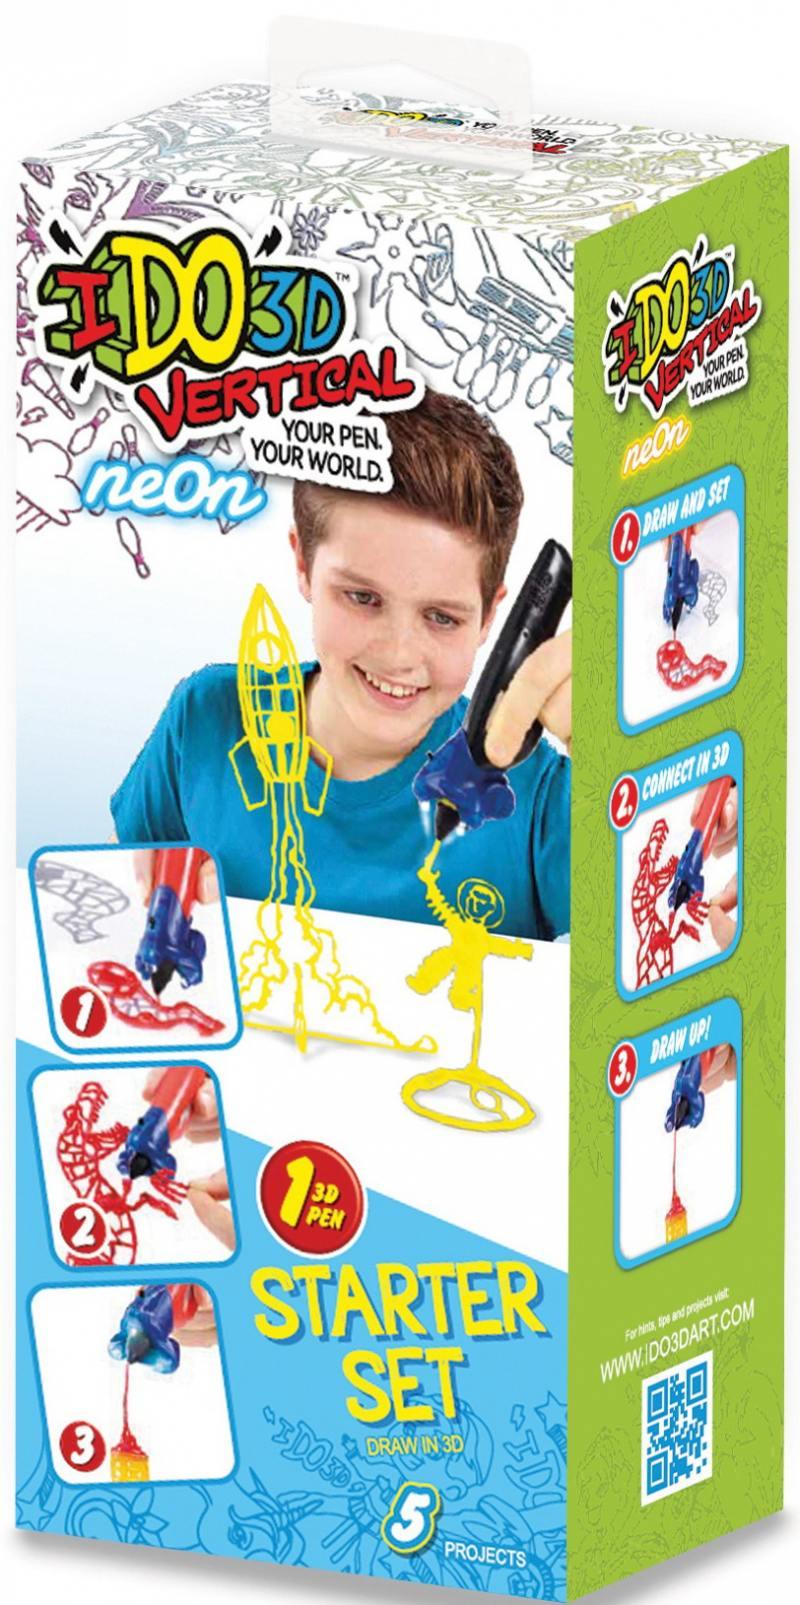 Ручка 3D Вертикаль REDWOOD 3D 1шт Космос неон желтый 3d ручка redwood вертикаль машинки blue 155837m